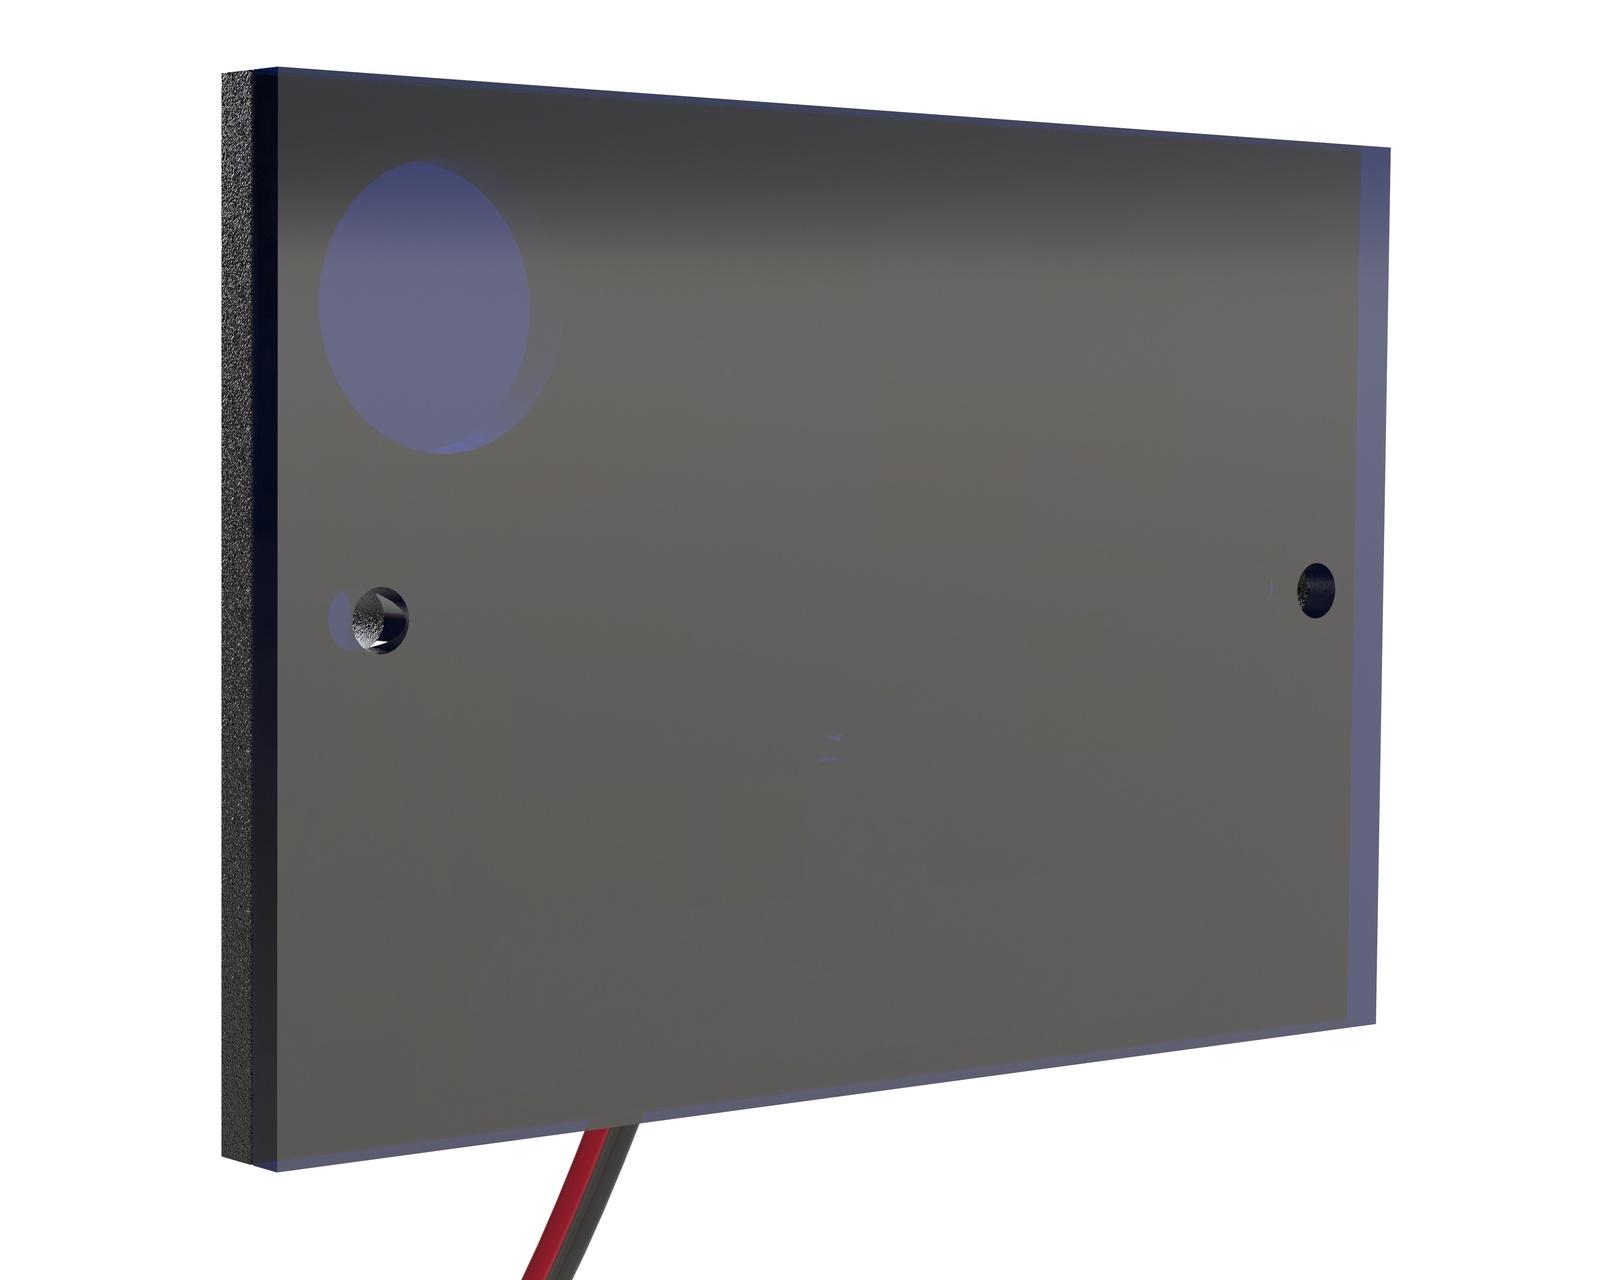 Инфракрасный прожектор Microlight IR Plate-3-850 Низкопрофильный 8 мм. Широкоугольный 120 град. Дальность до 10 метров ночного видения